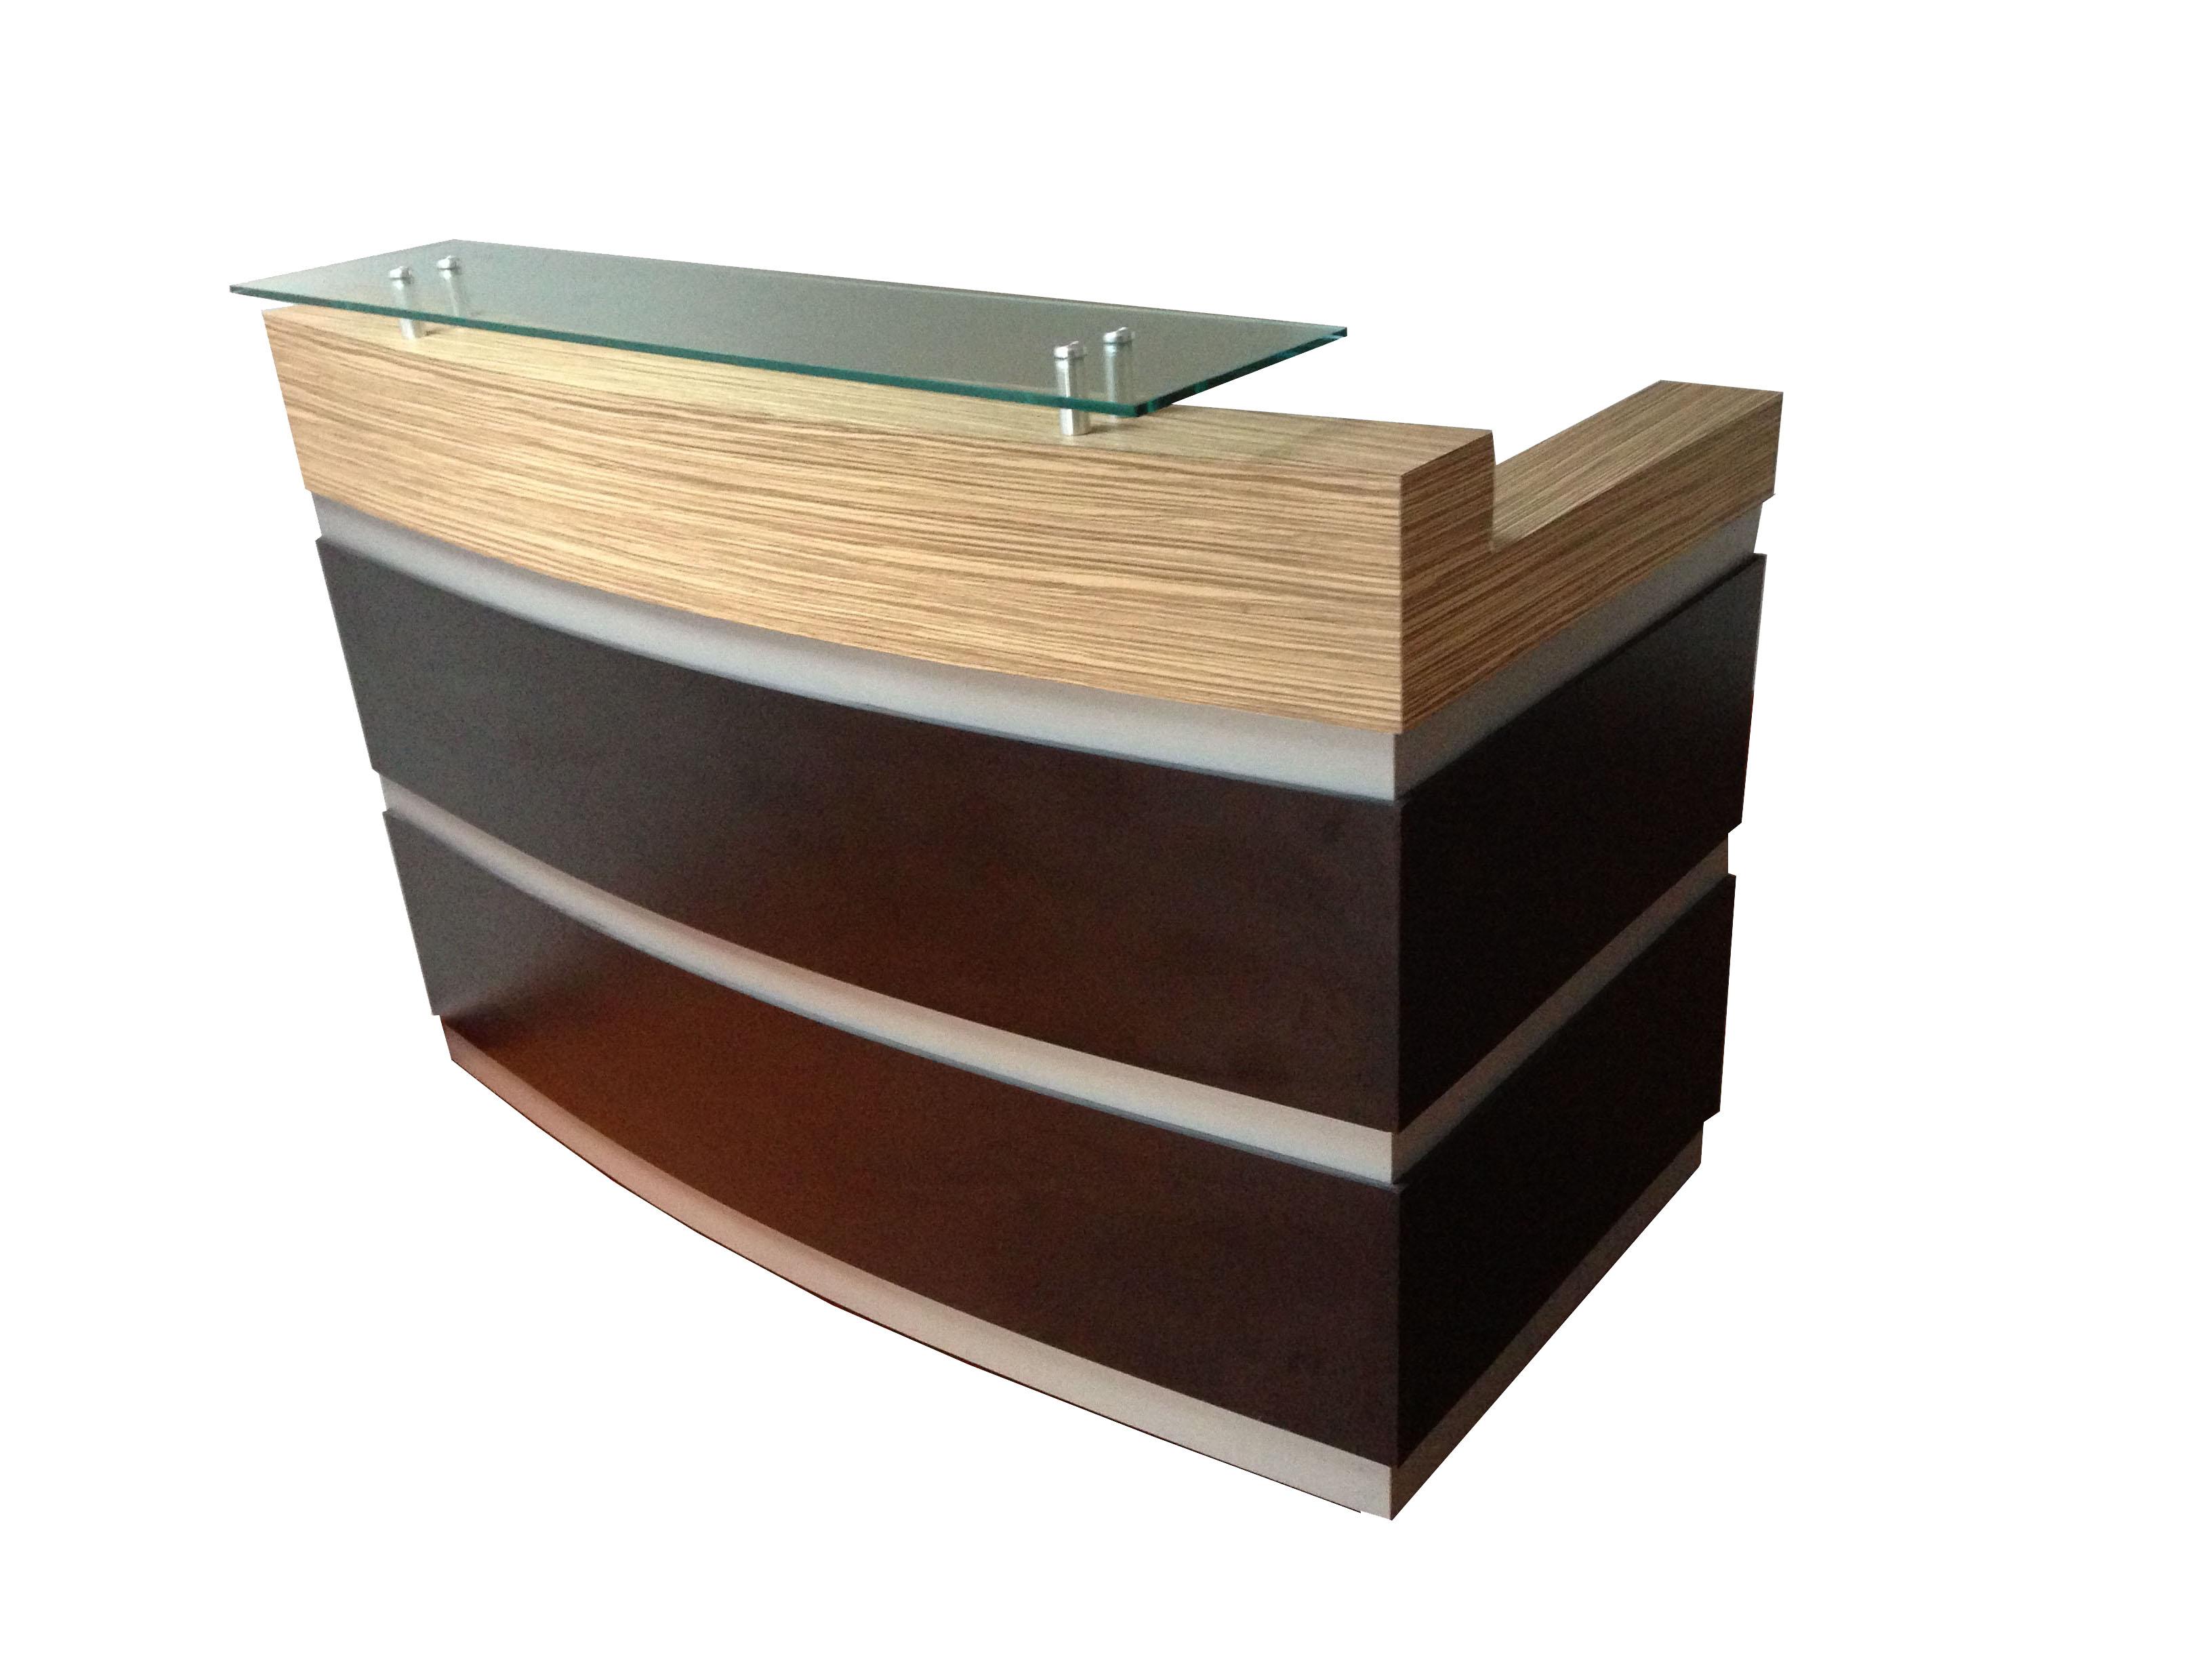 Recepciones muebles bogota muebles oficina sillas for Muebles oficina 12 de octubre bogota